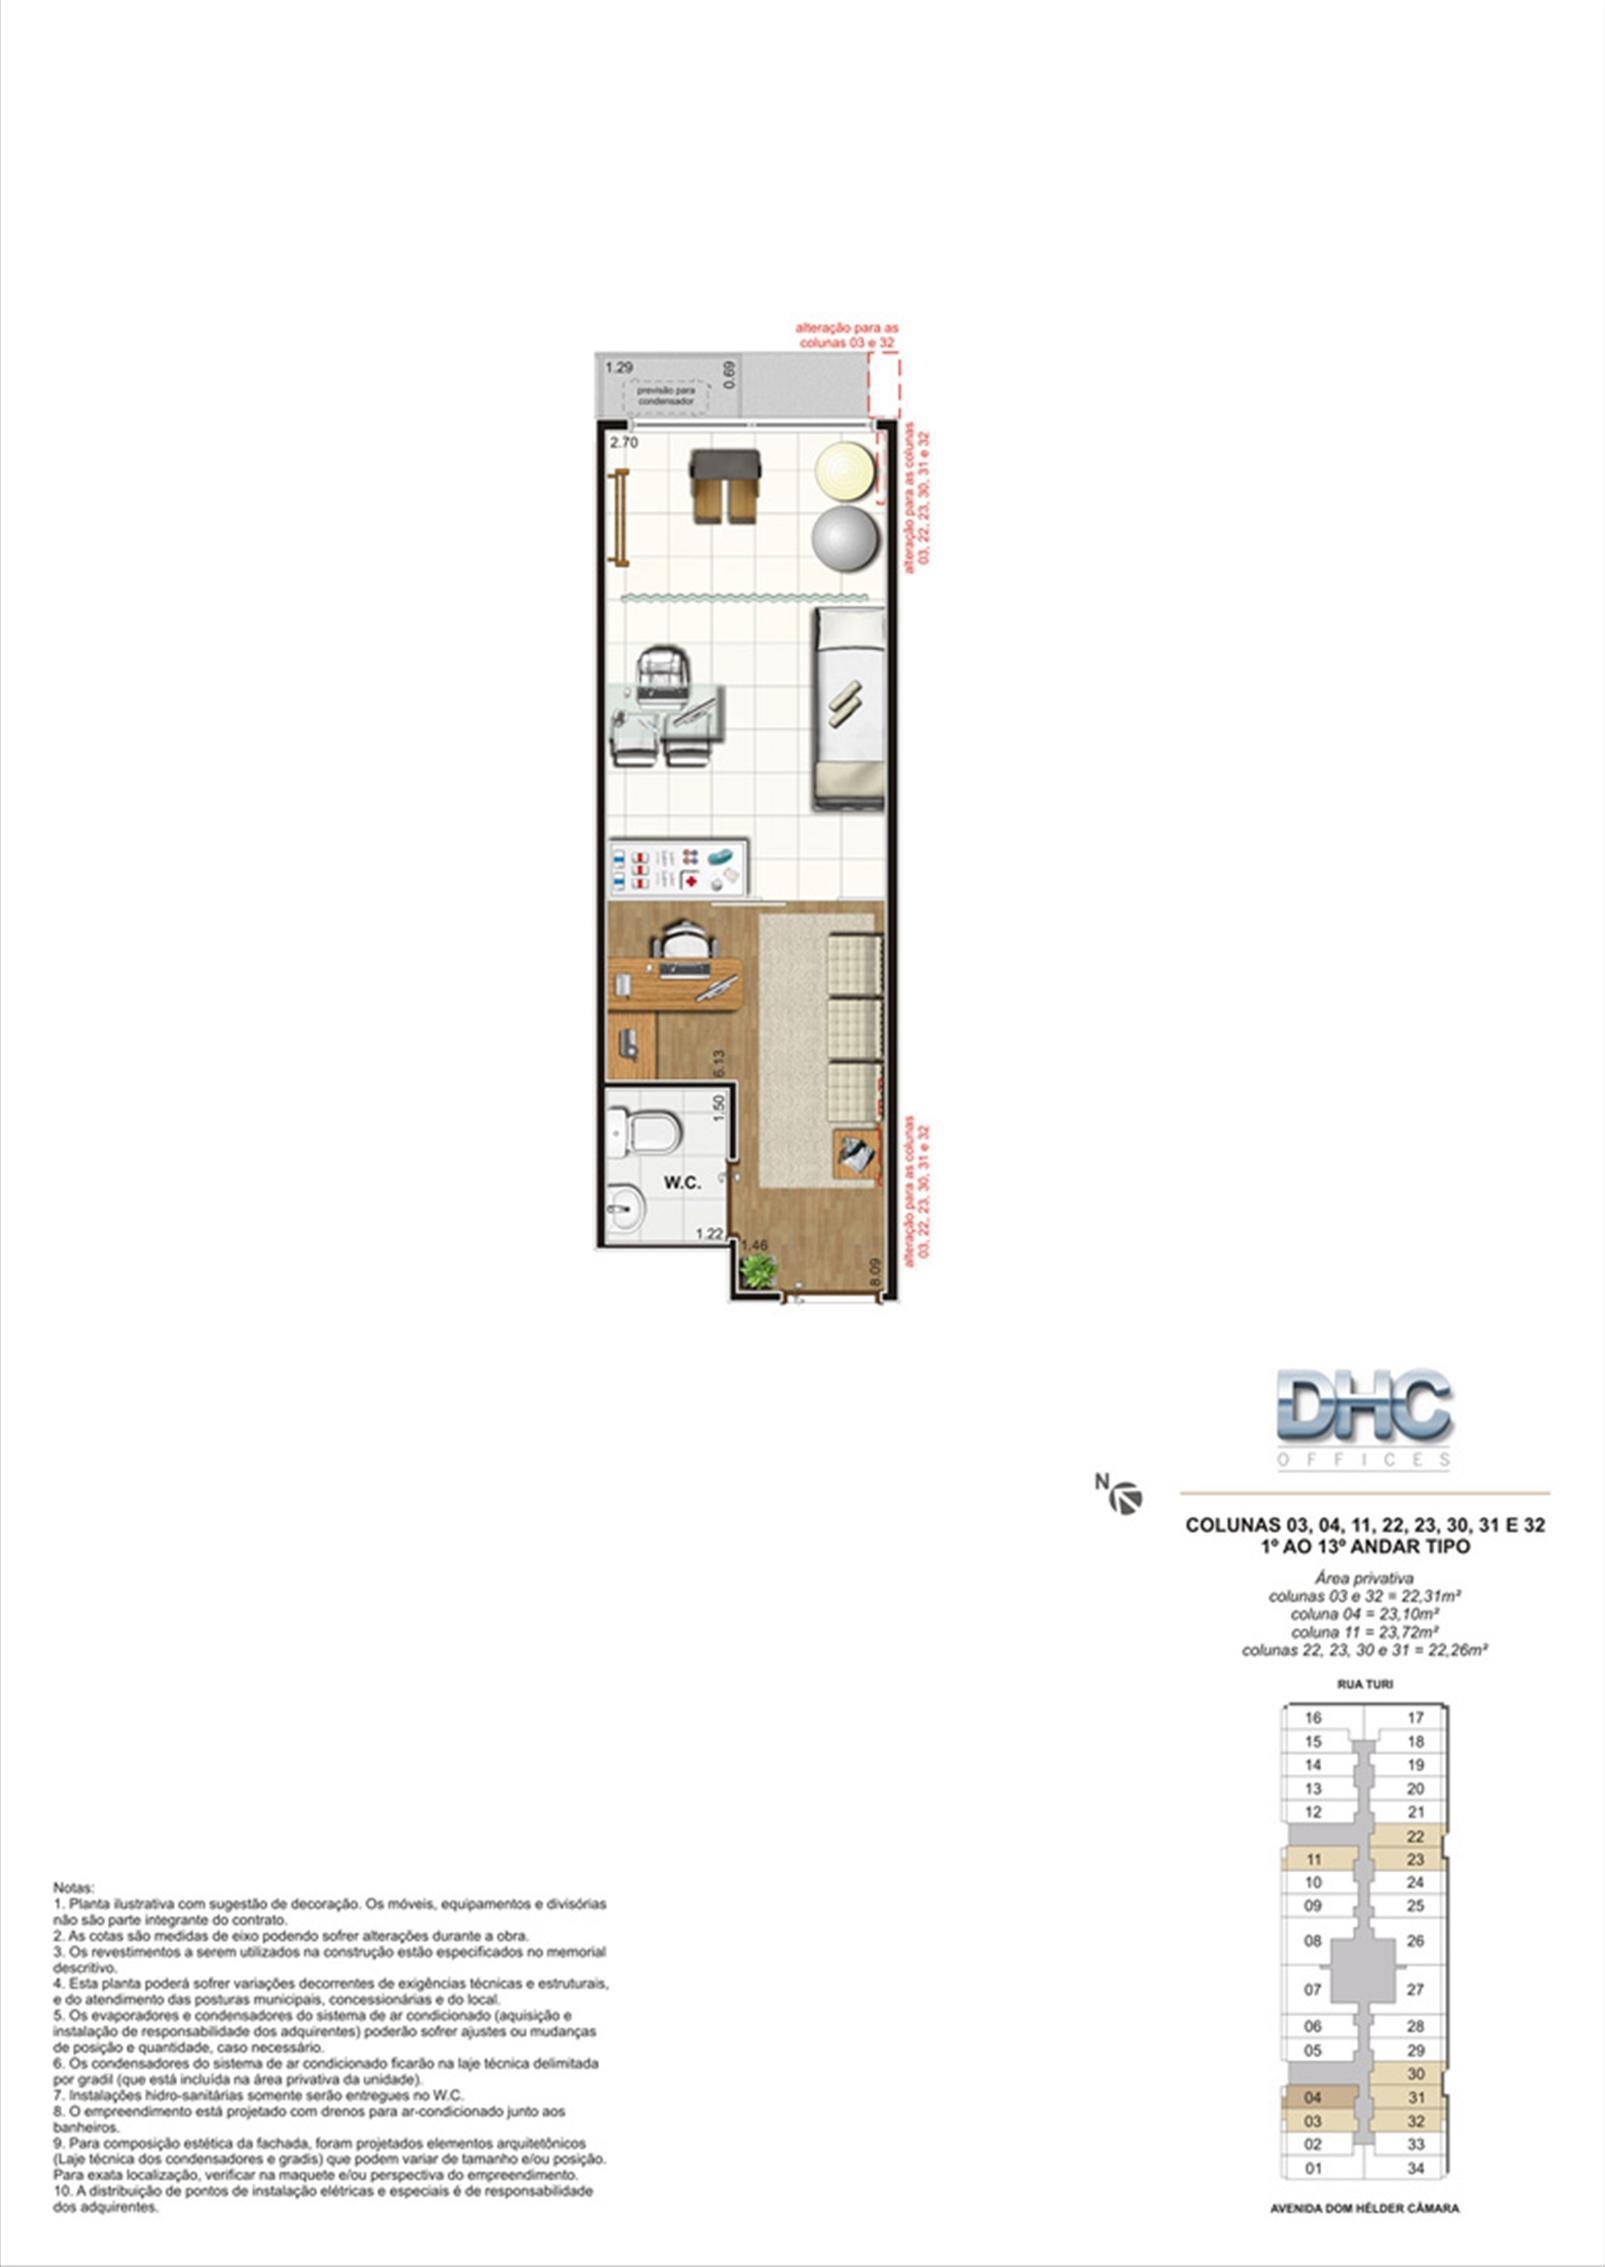 Colunas 03, 04, 11, 22, 23, 30, 31 e 32 -1° ao 13º andar tipo | DHC Offices – Salas Comerciaisem  Pilares - Rio de Janeiro - Rio de Janeiro